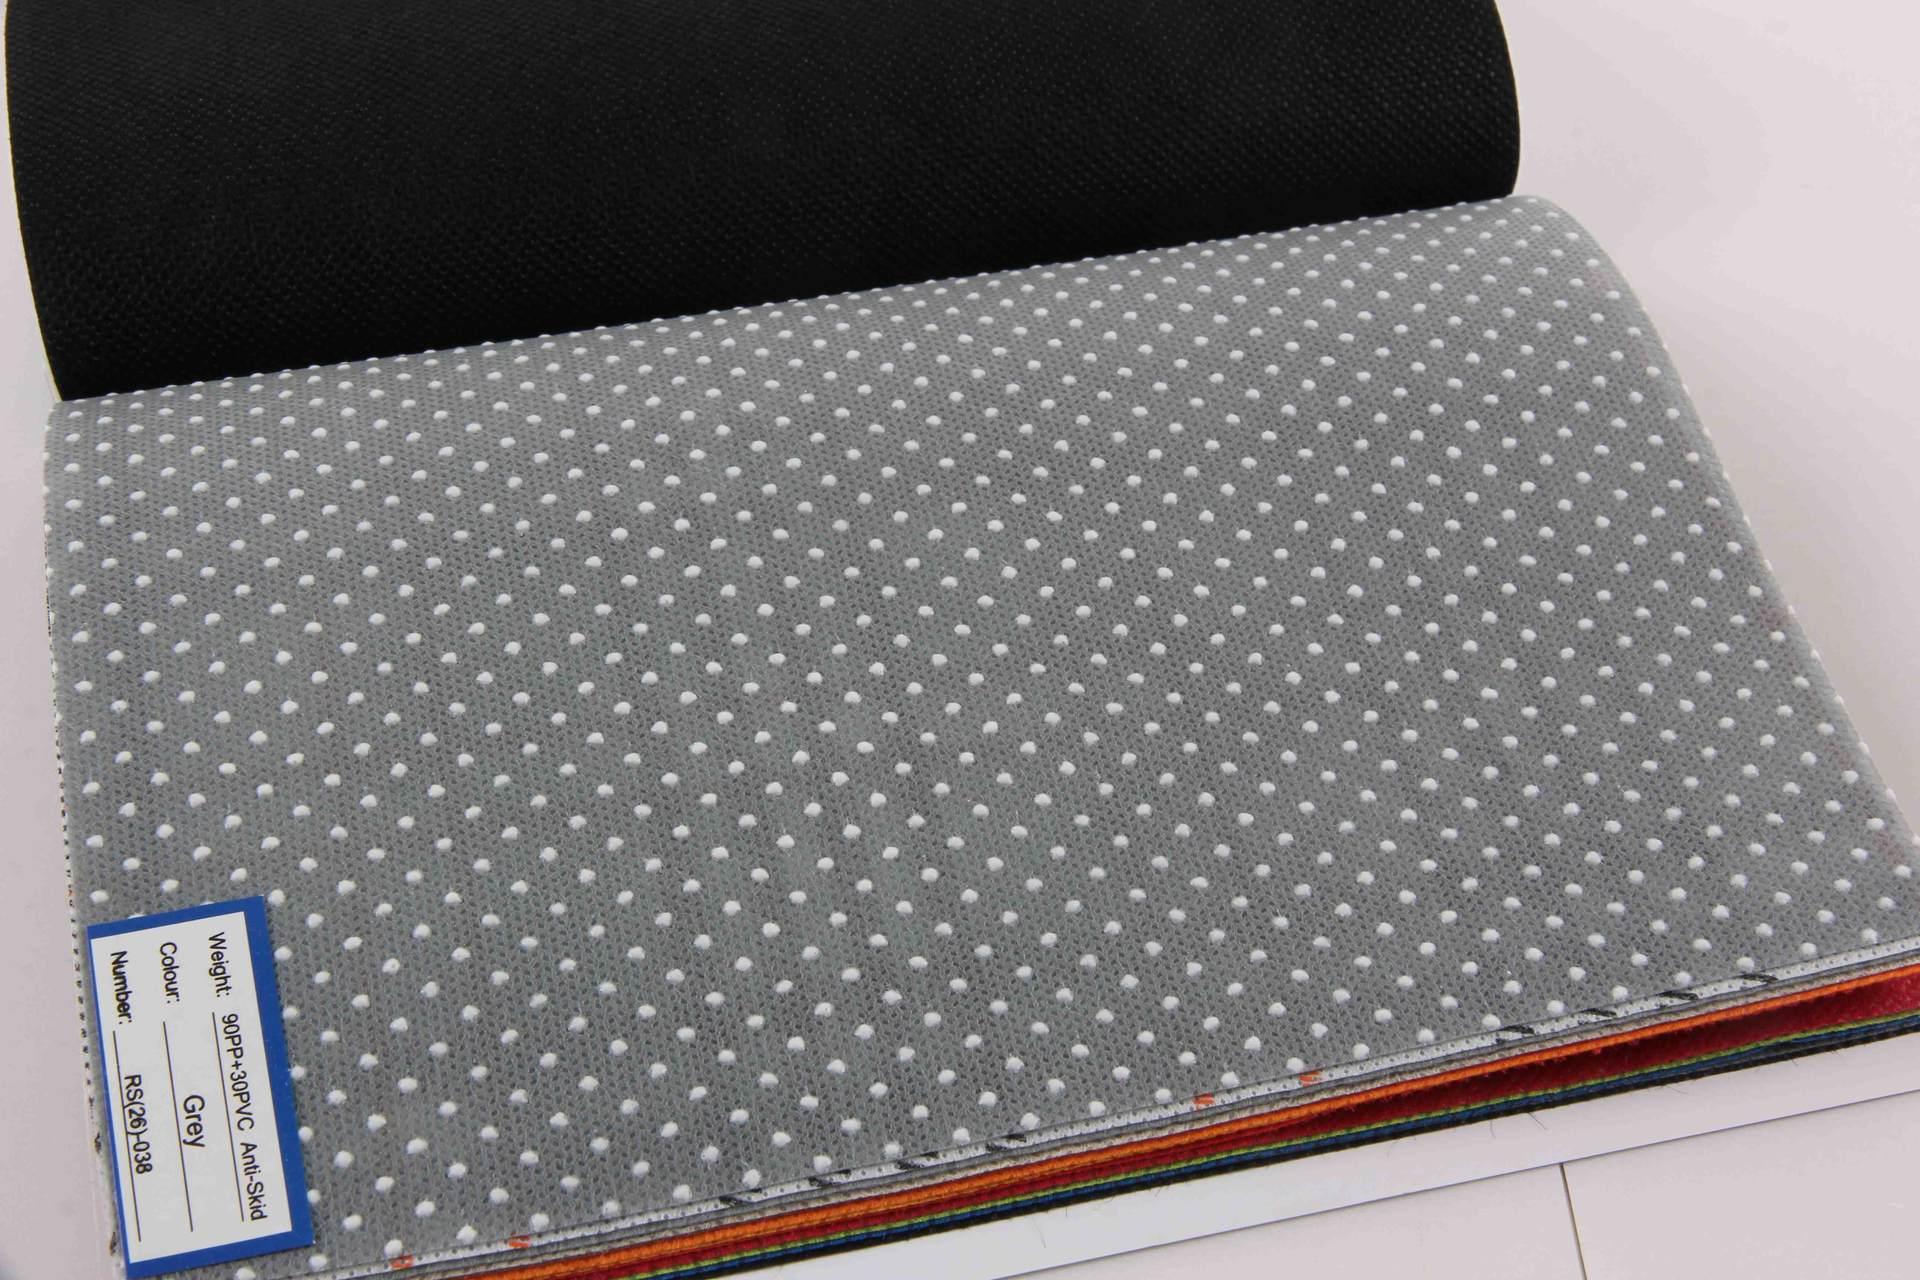 Nonwoven kumaş widly mobilya kullanılan gri ve bej anti slip